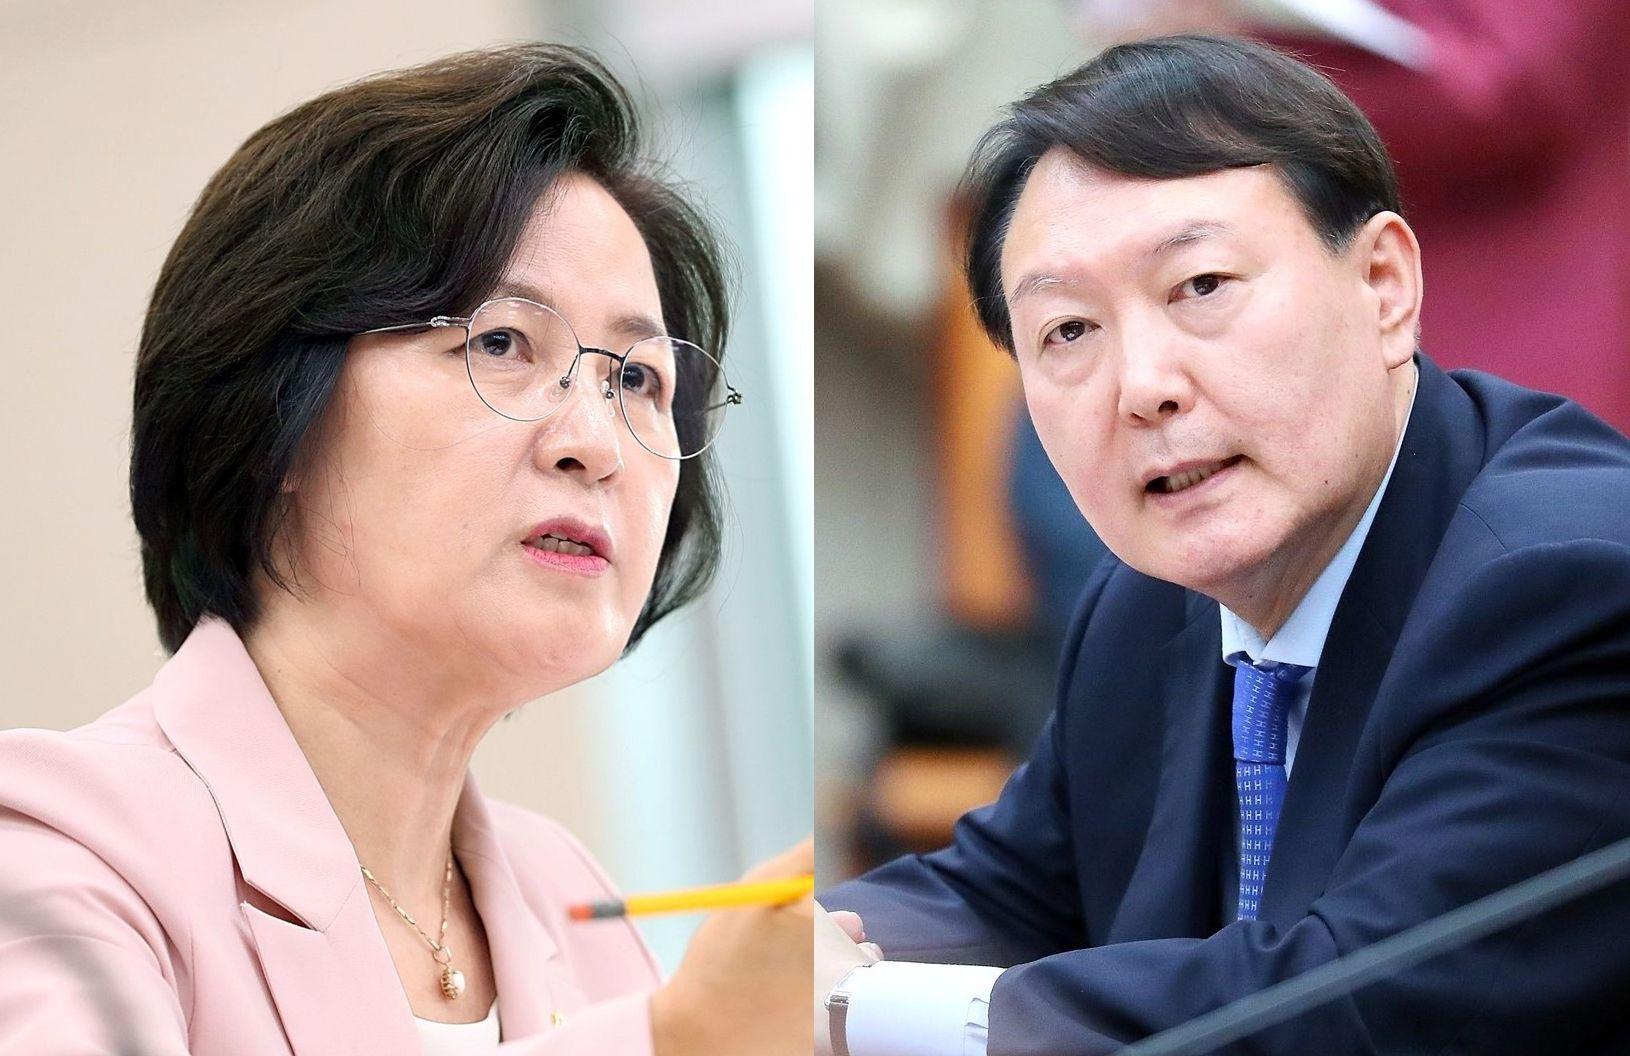 추미애 법무부 장관과 윤석열 검찰총장. 연합뉴스·뉴시스